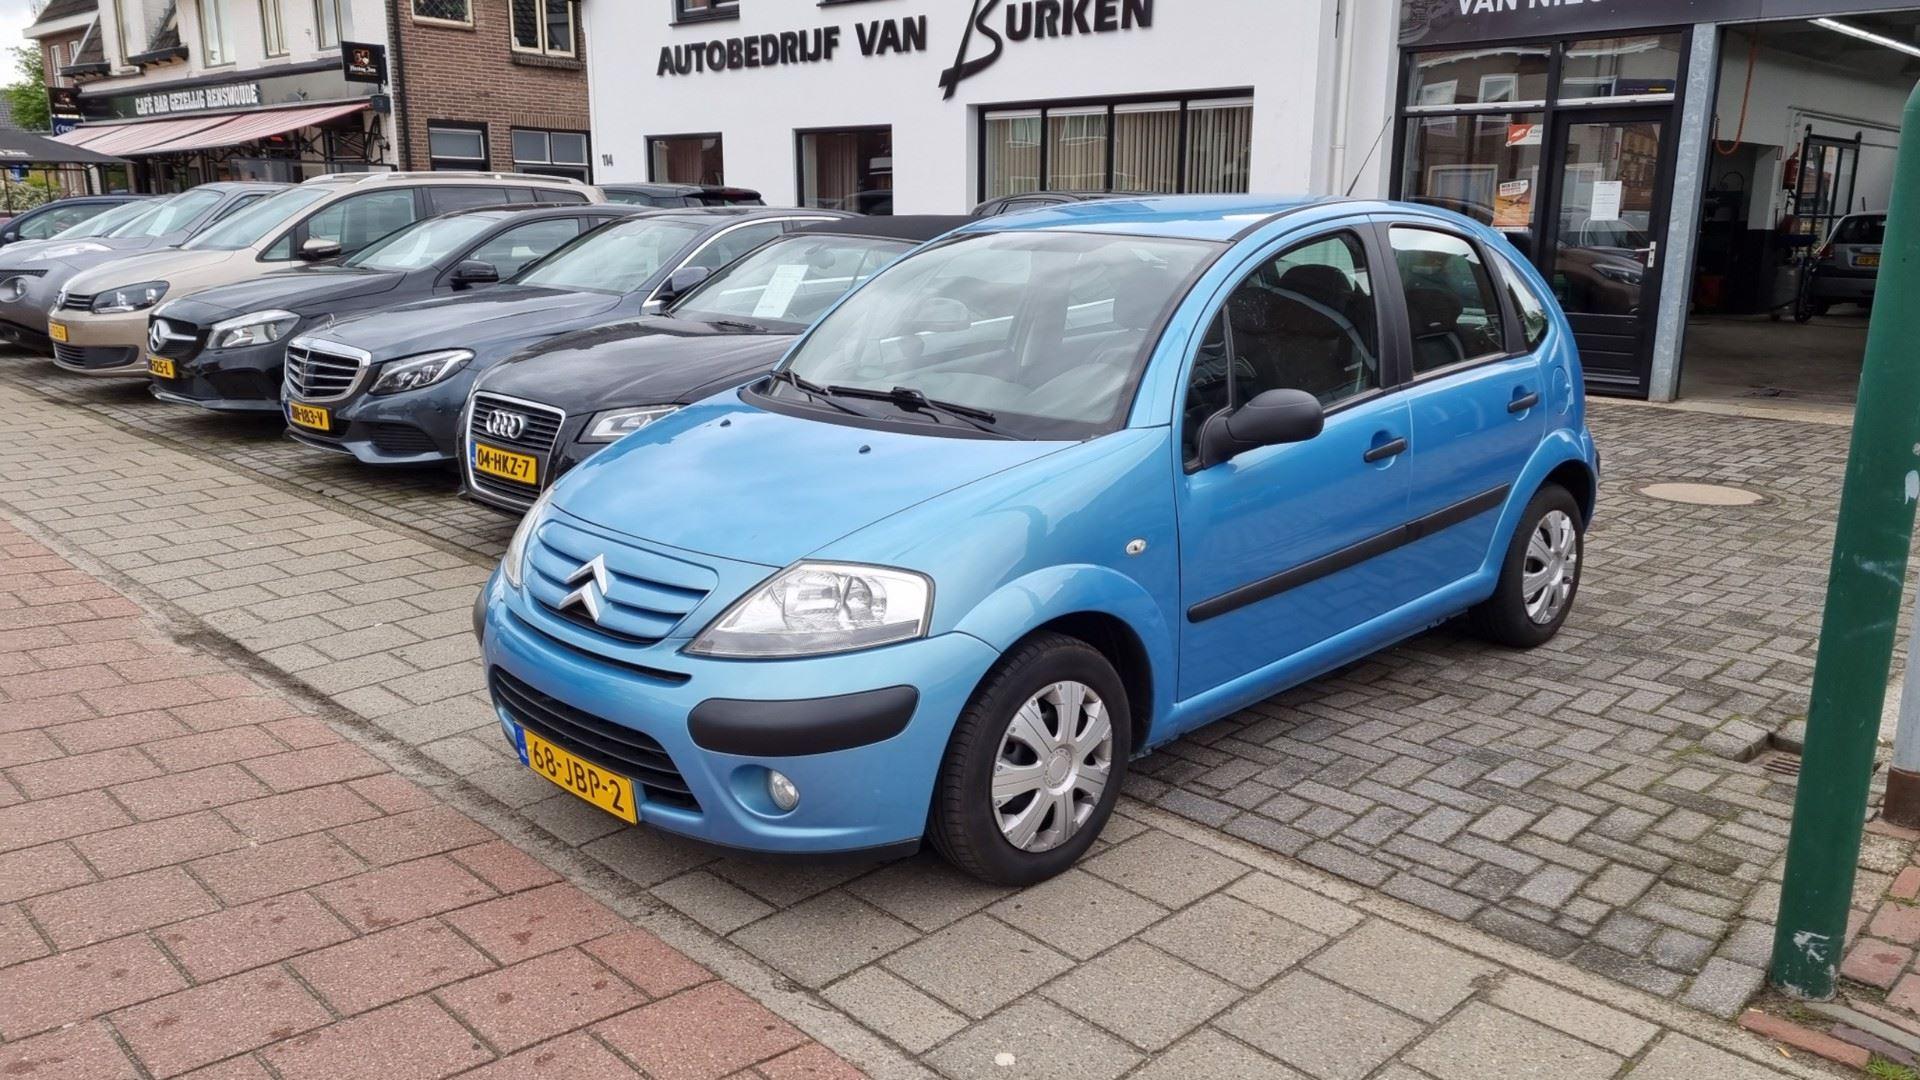 Citroen C3 occasion - Autobedrijf van Burken